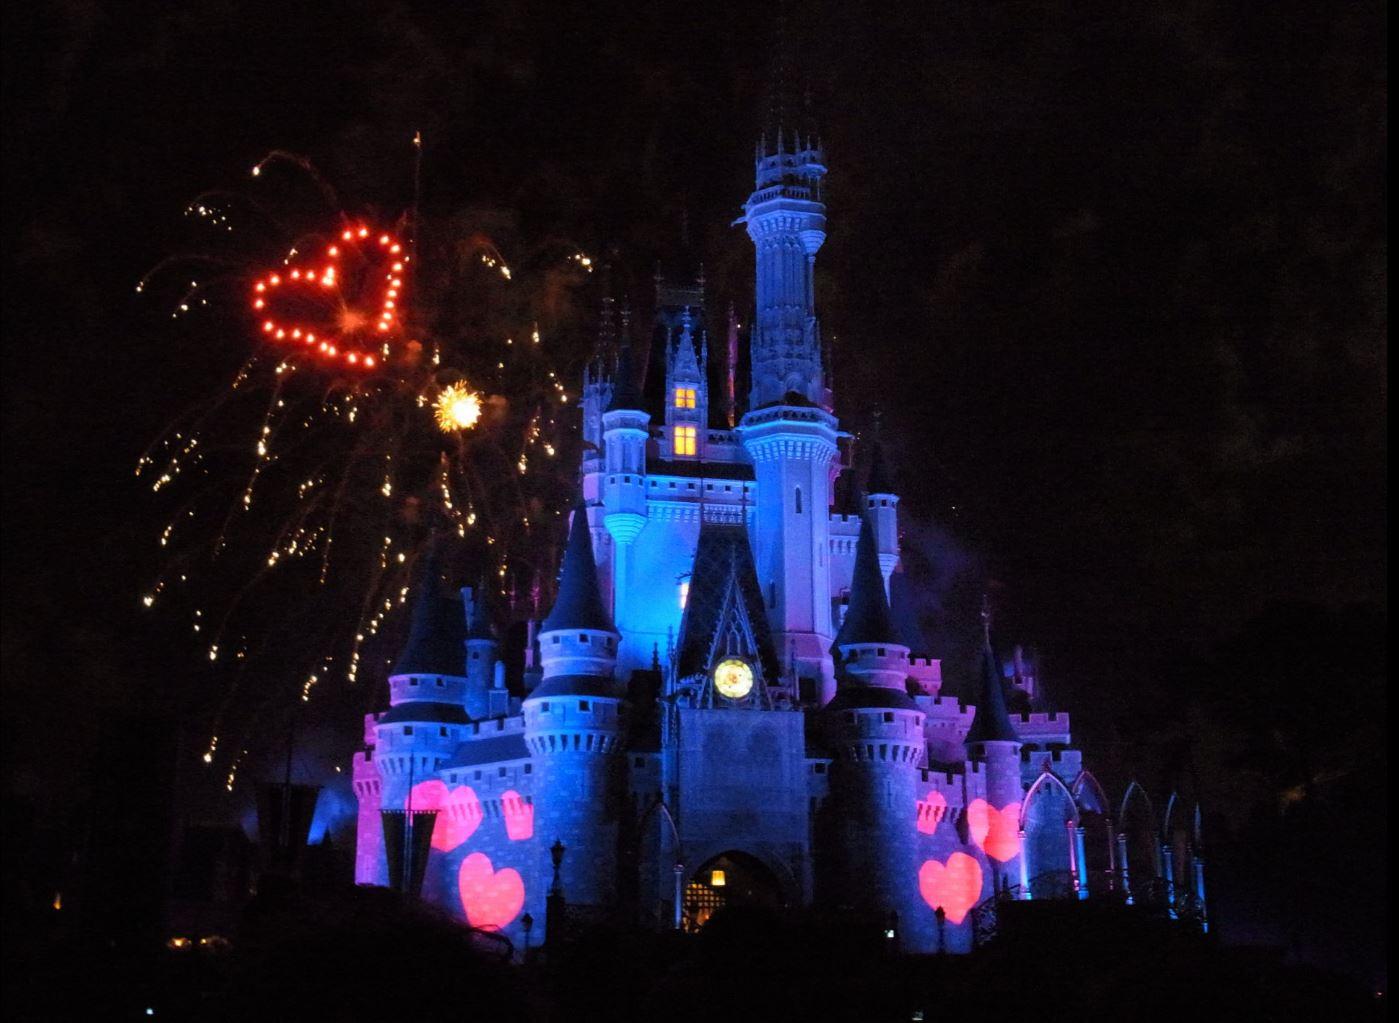 憧れの夢の王国!?ディズニーマジックは半端じゃなかった